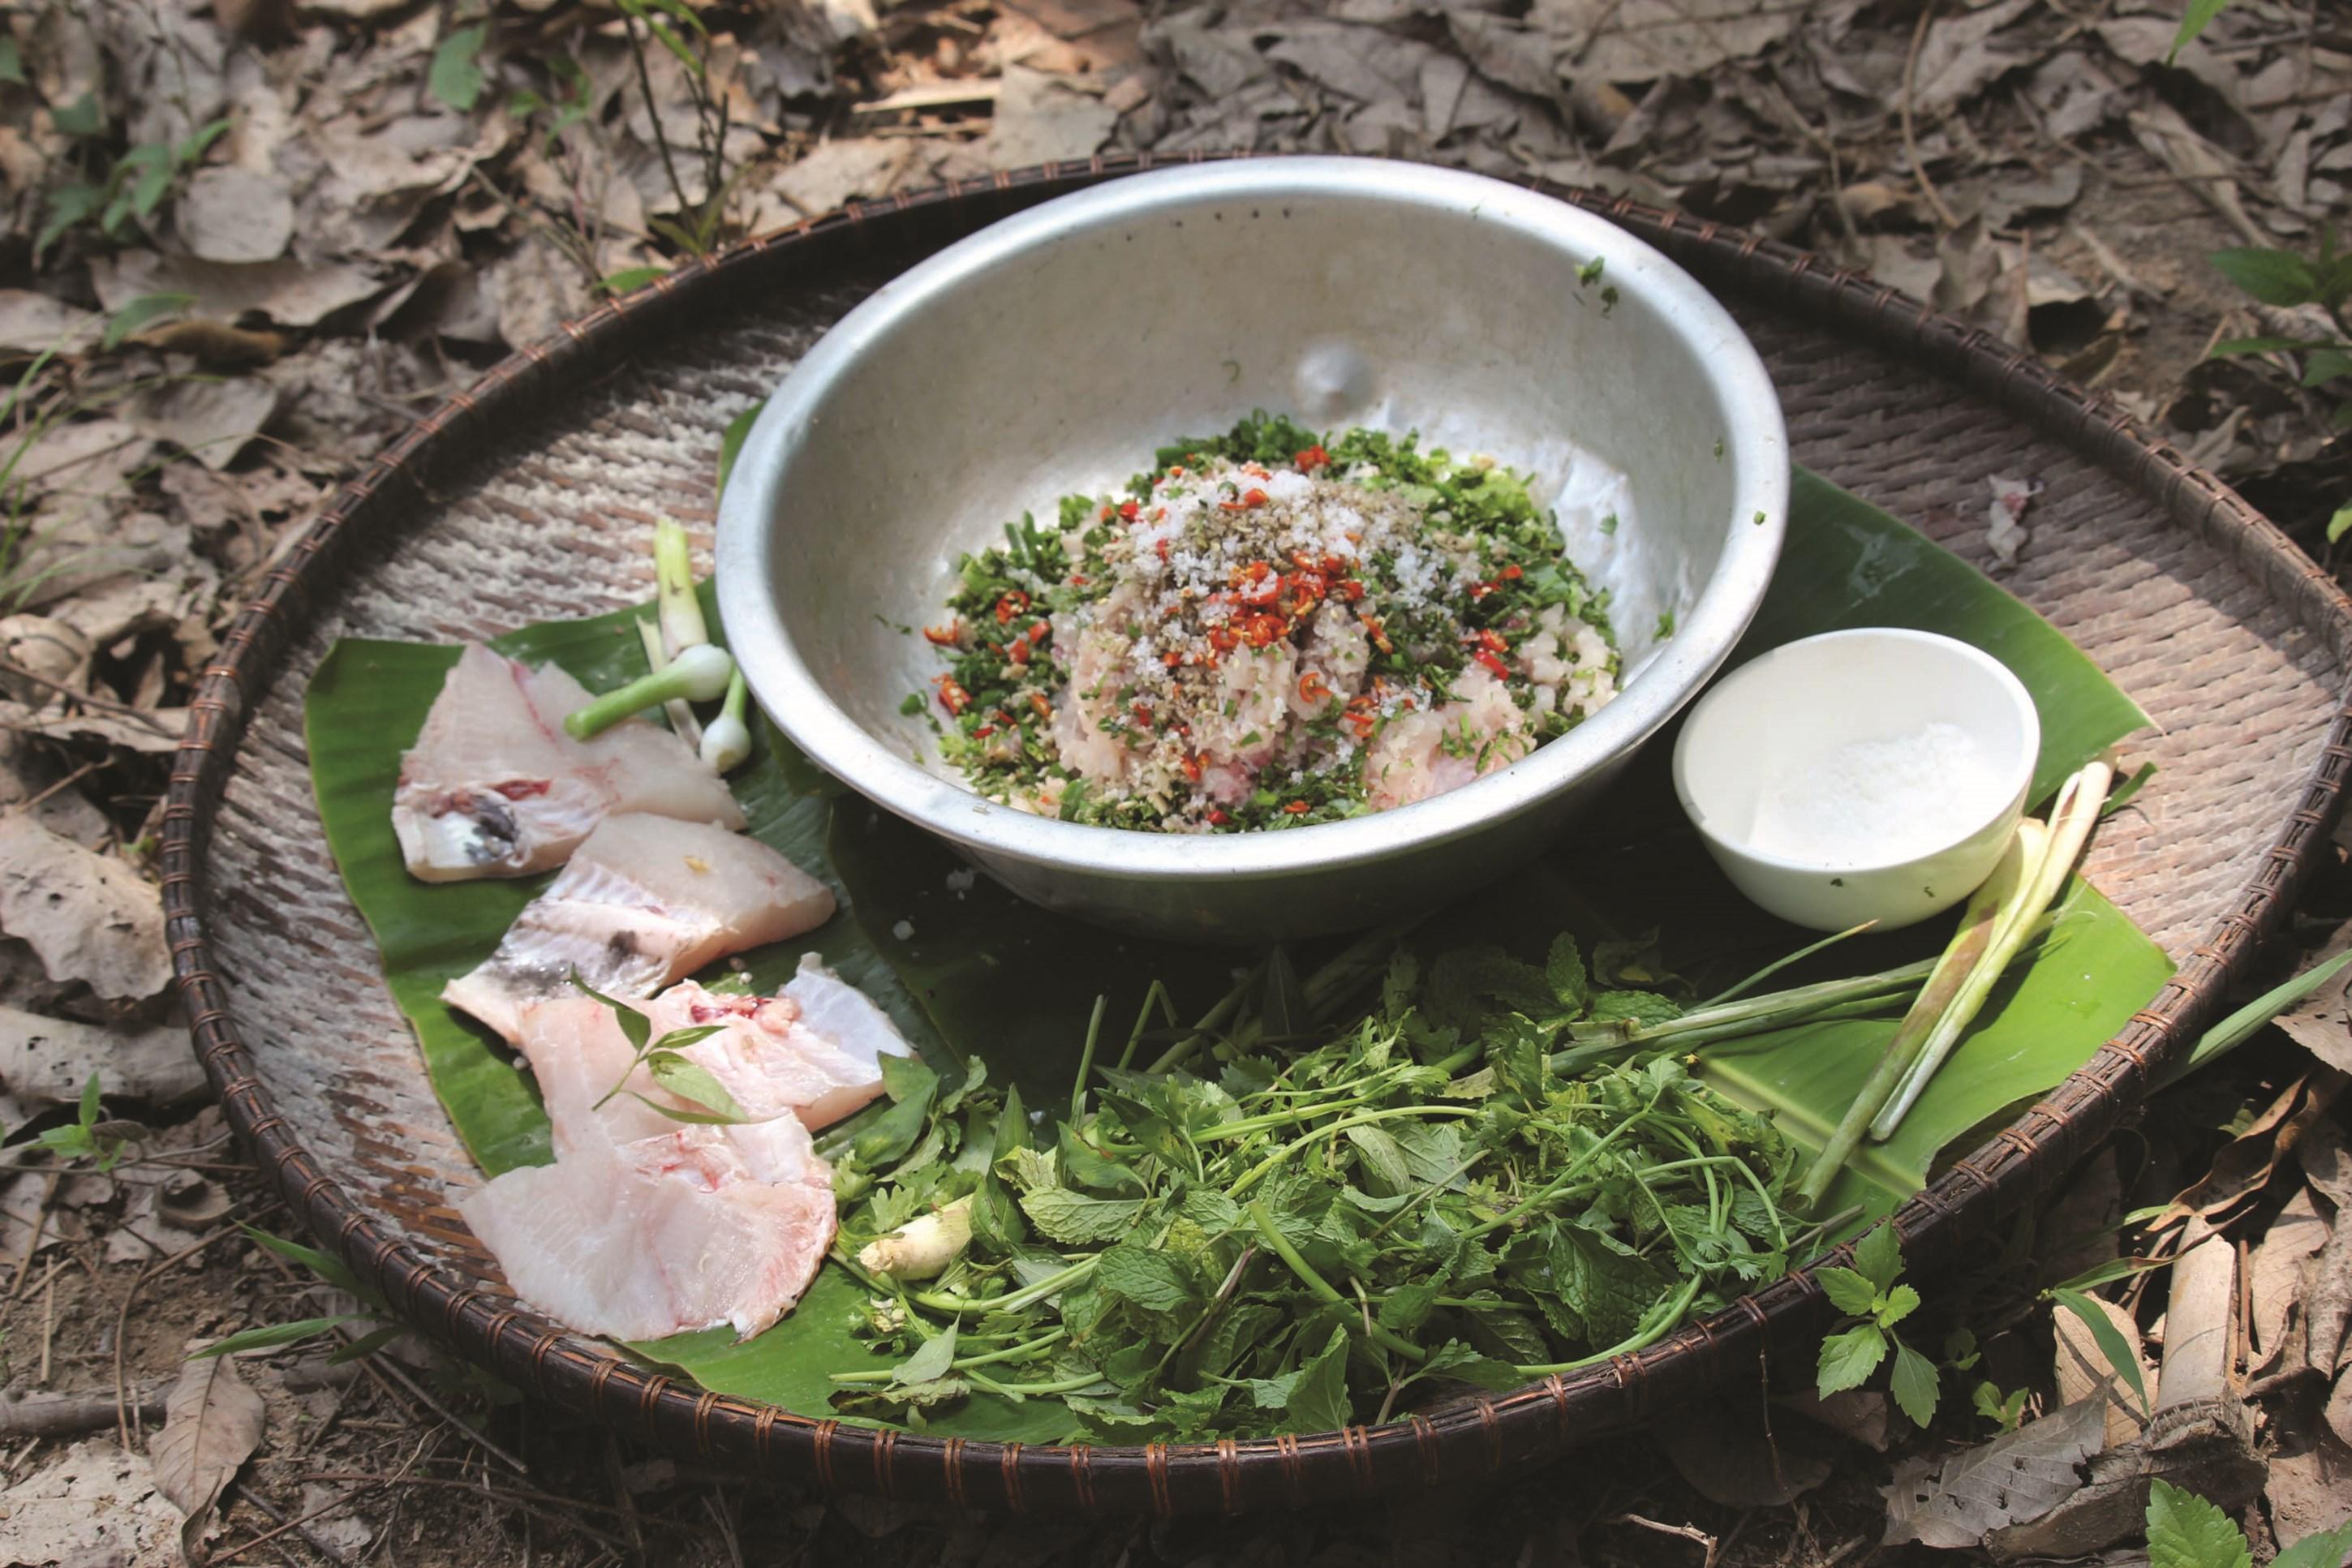 Món cá đã được sơ chế cùng các gia vị kết hợp với trứng kiến, tạo thành món cá gỏi kiến vàng